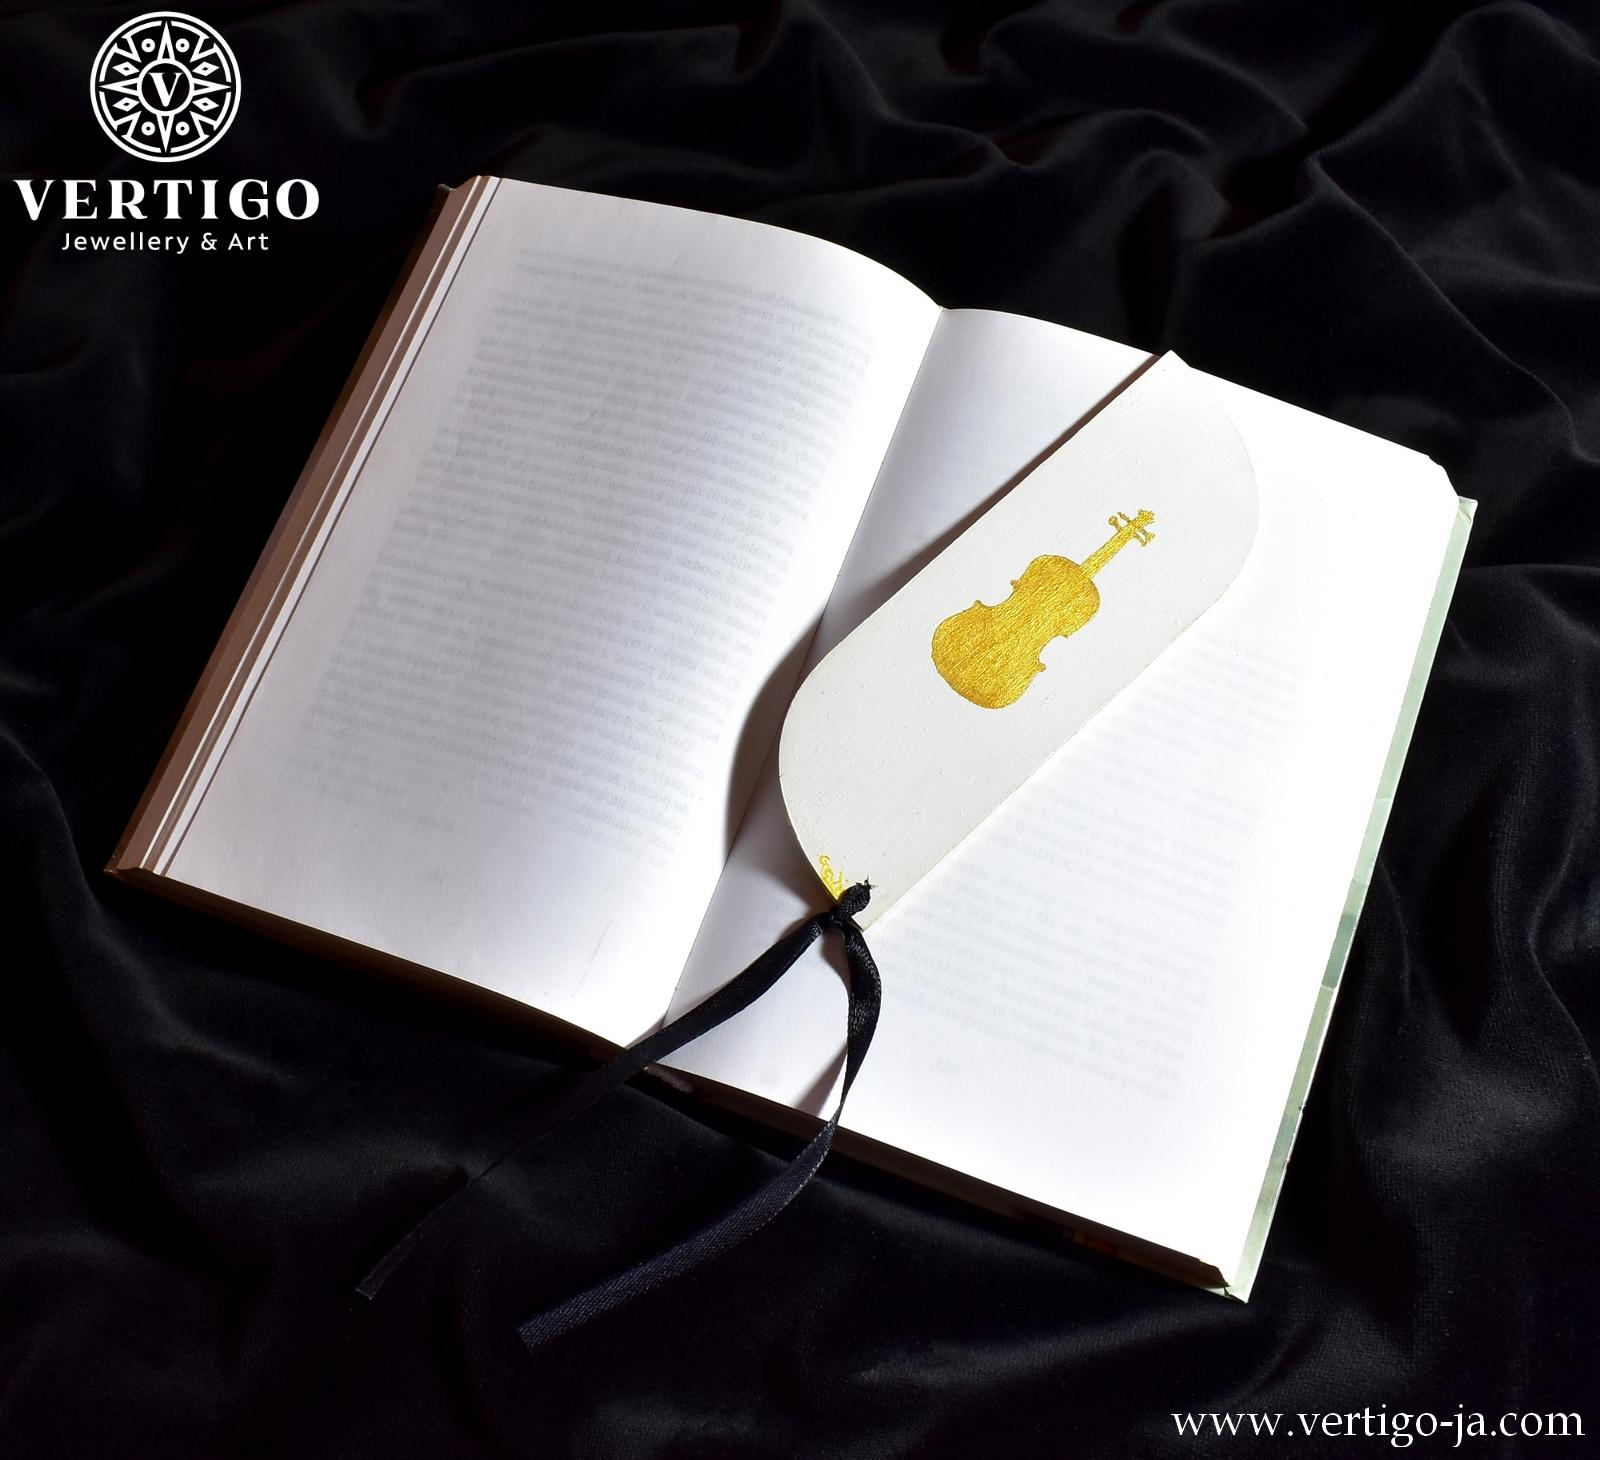 Tył drewnianej zakładki do książki z 5-linią z nutami. Złote skrzypce na białym tle. Ozdobna czarna wstążka.